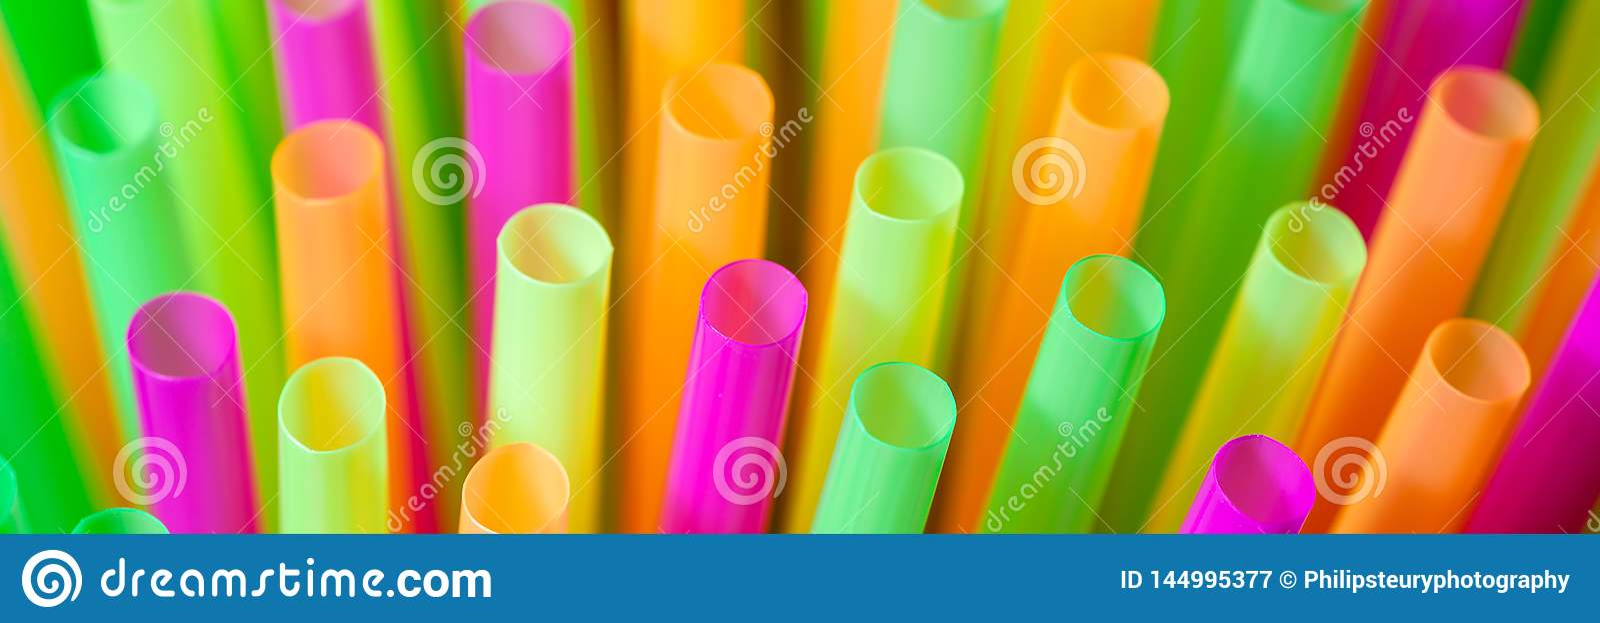 Ζωηρόχρωμα πλαστικά άχυρα